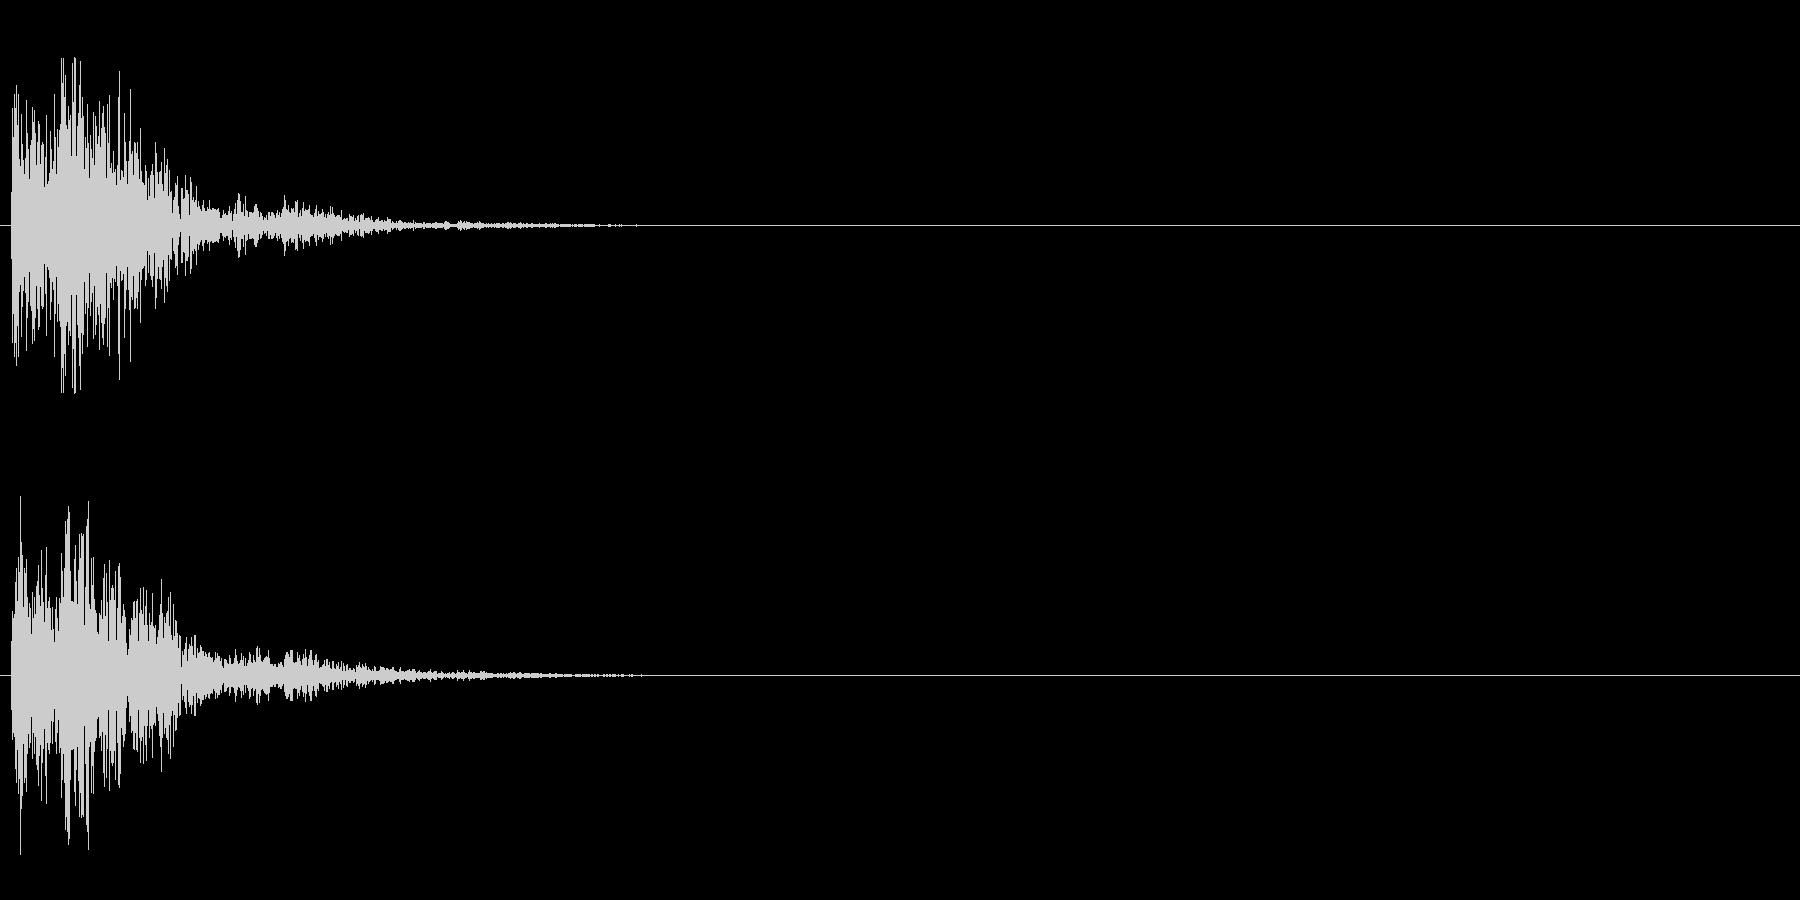 ピコン (ボタンプッシュ音)の未再生の波形